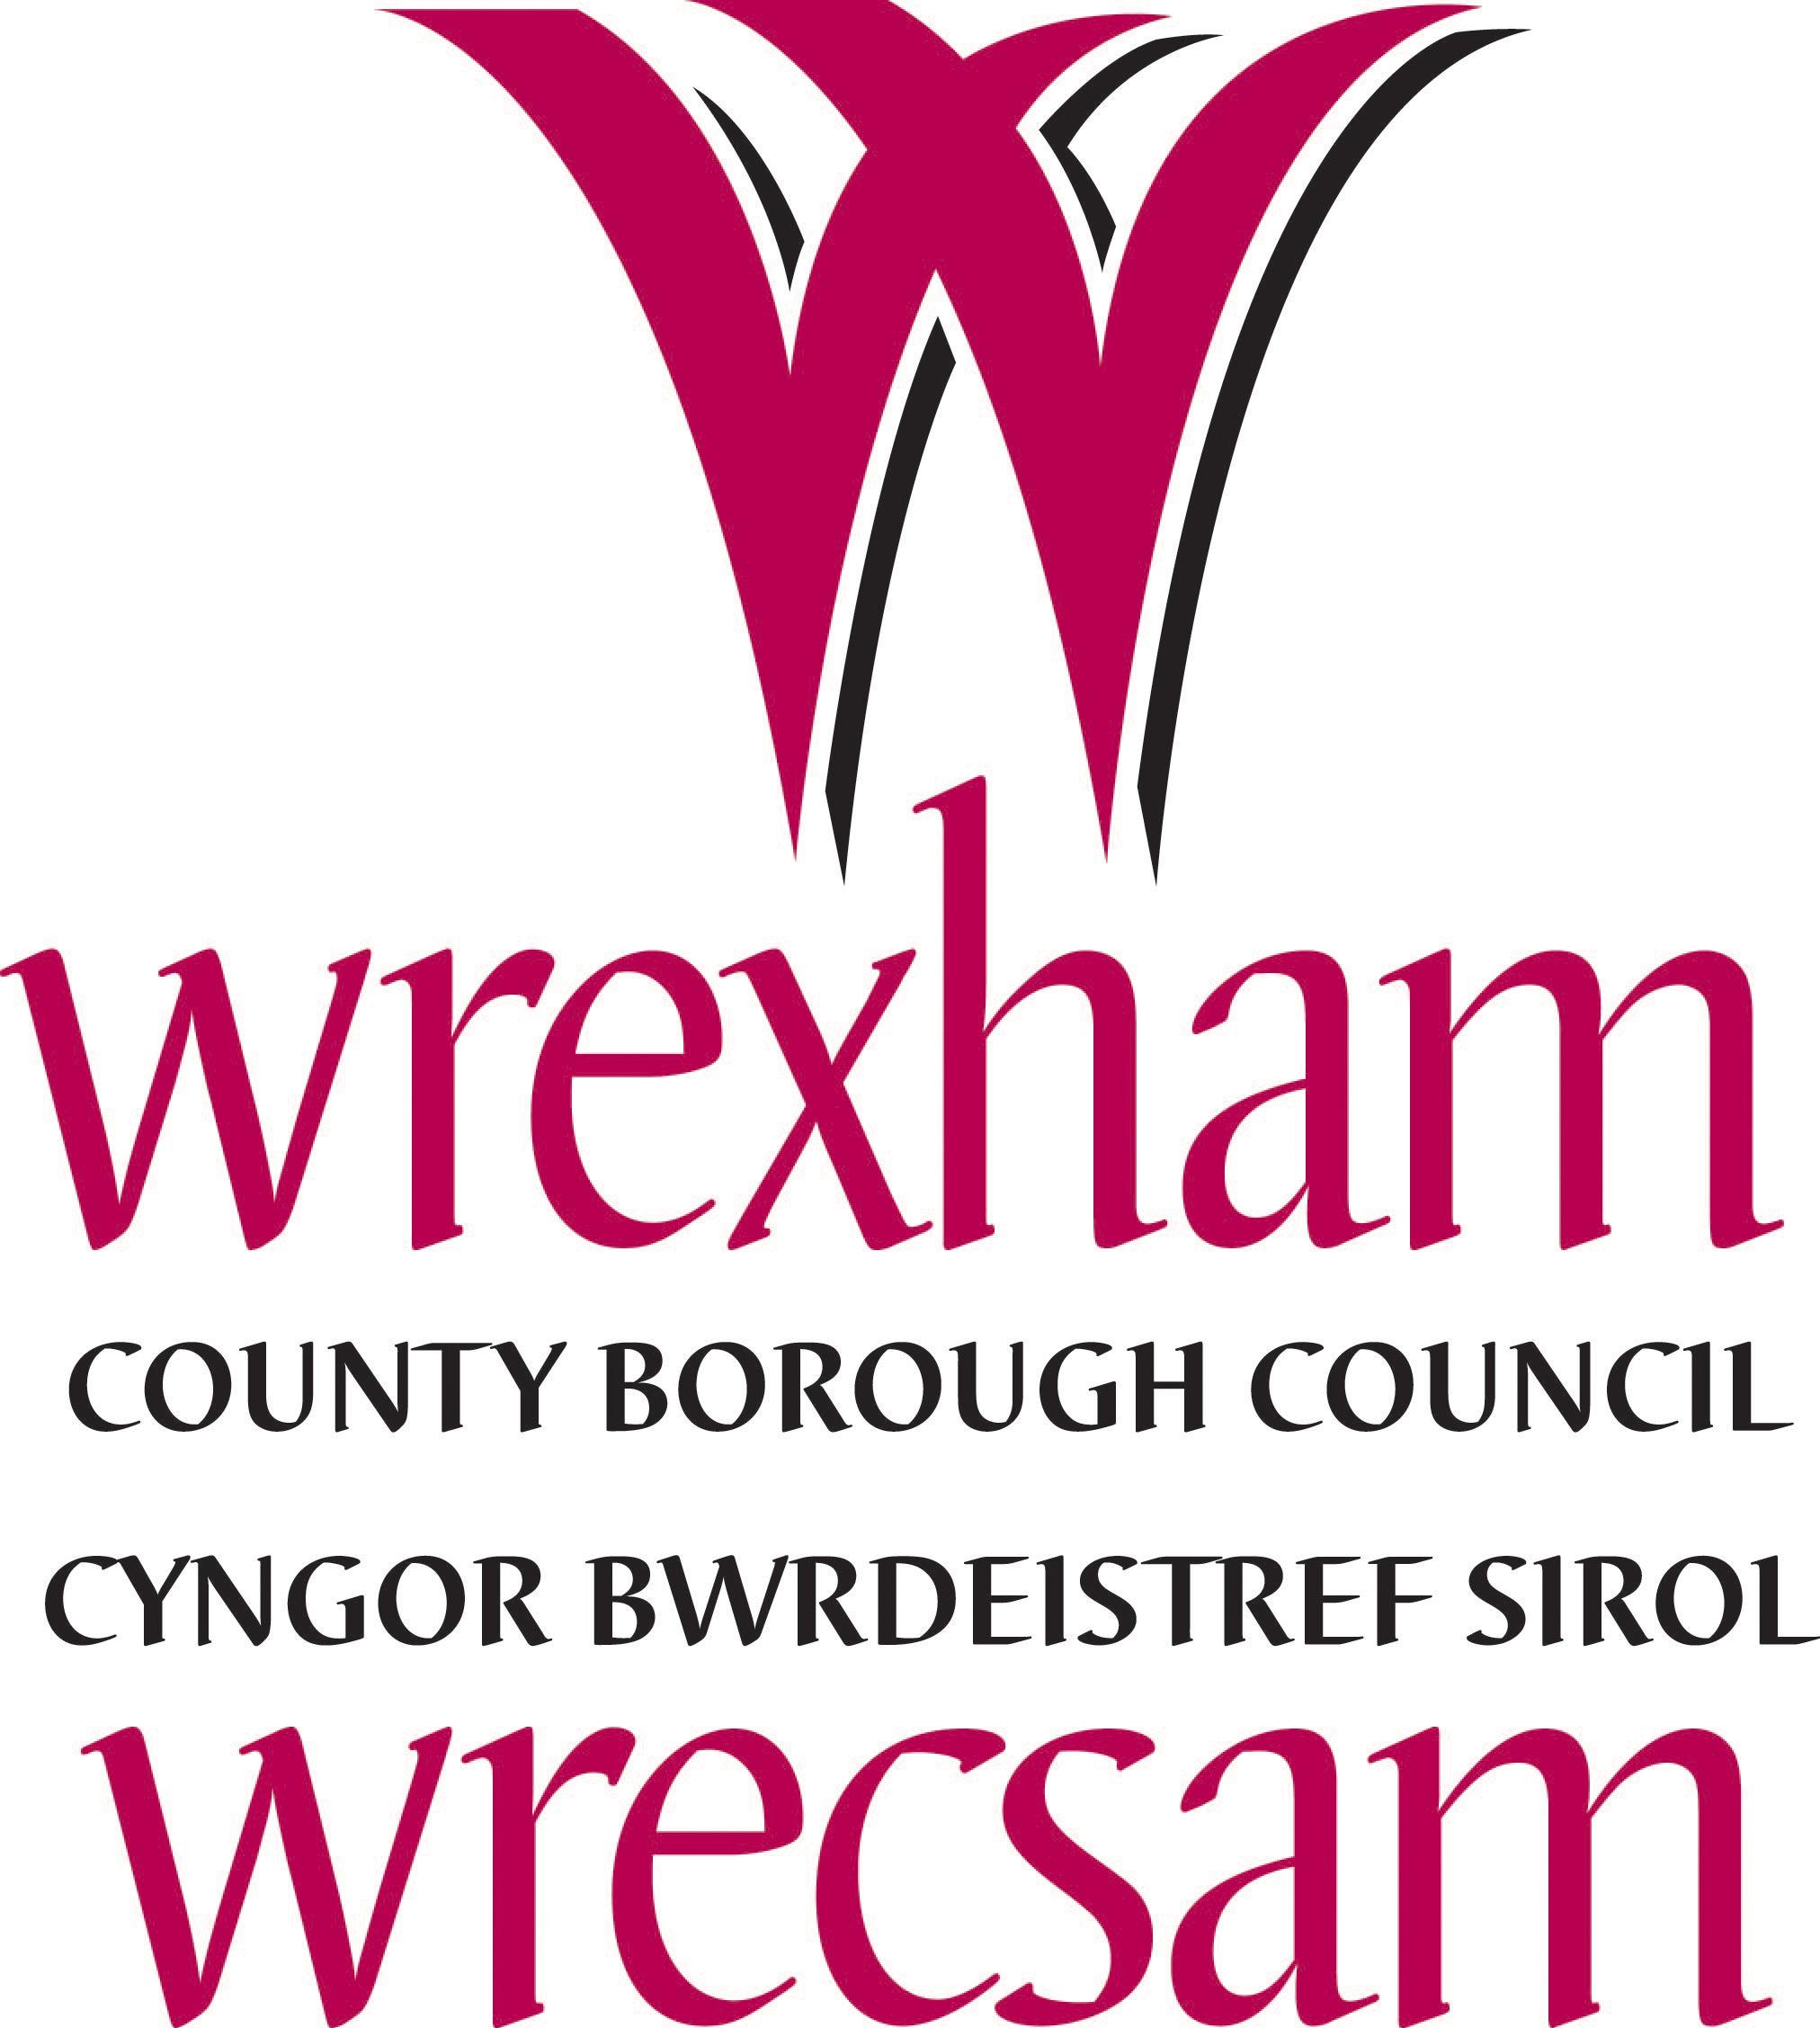 Wrexham County Borough Council